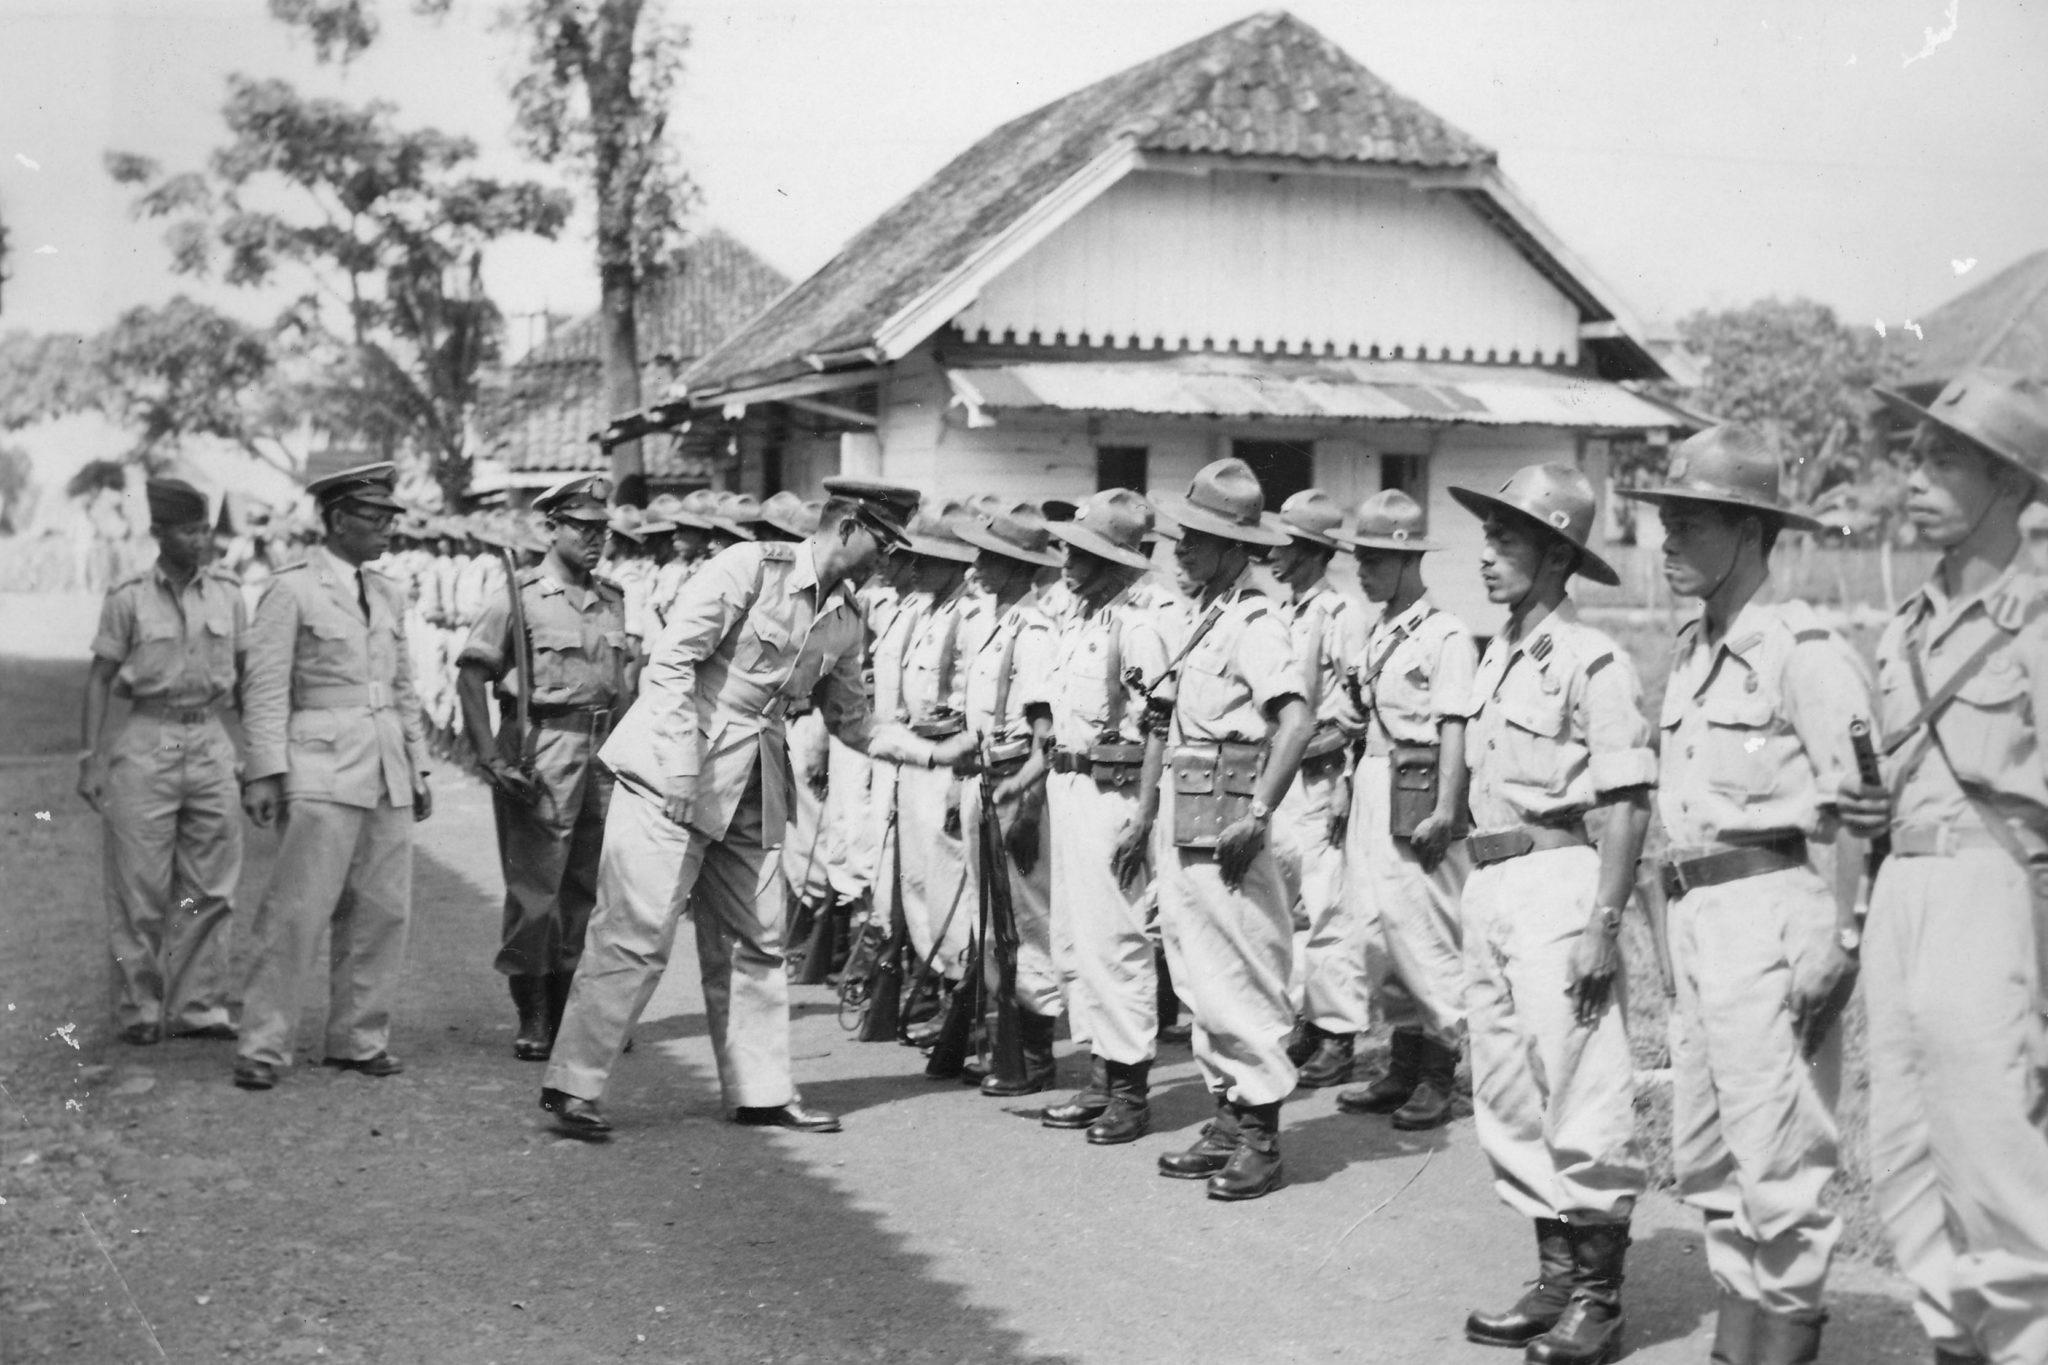 Kepala Djawatan Kepolisian Negara Soekanto mengadakan peninjauan ke Palembang. RS Soekanto melakukan pemeriksaan pada barisan Mabrig.